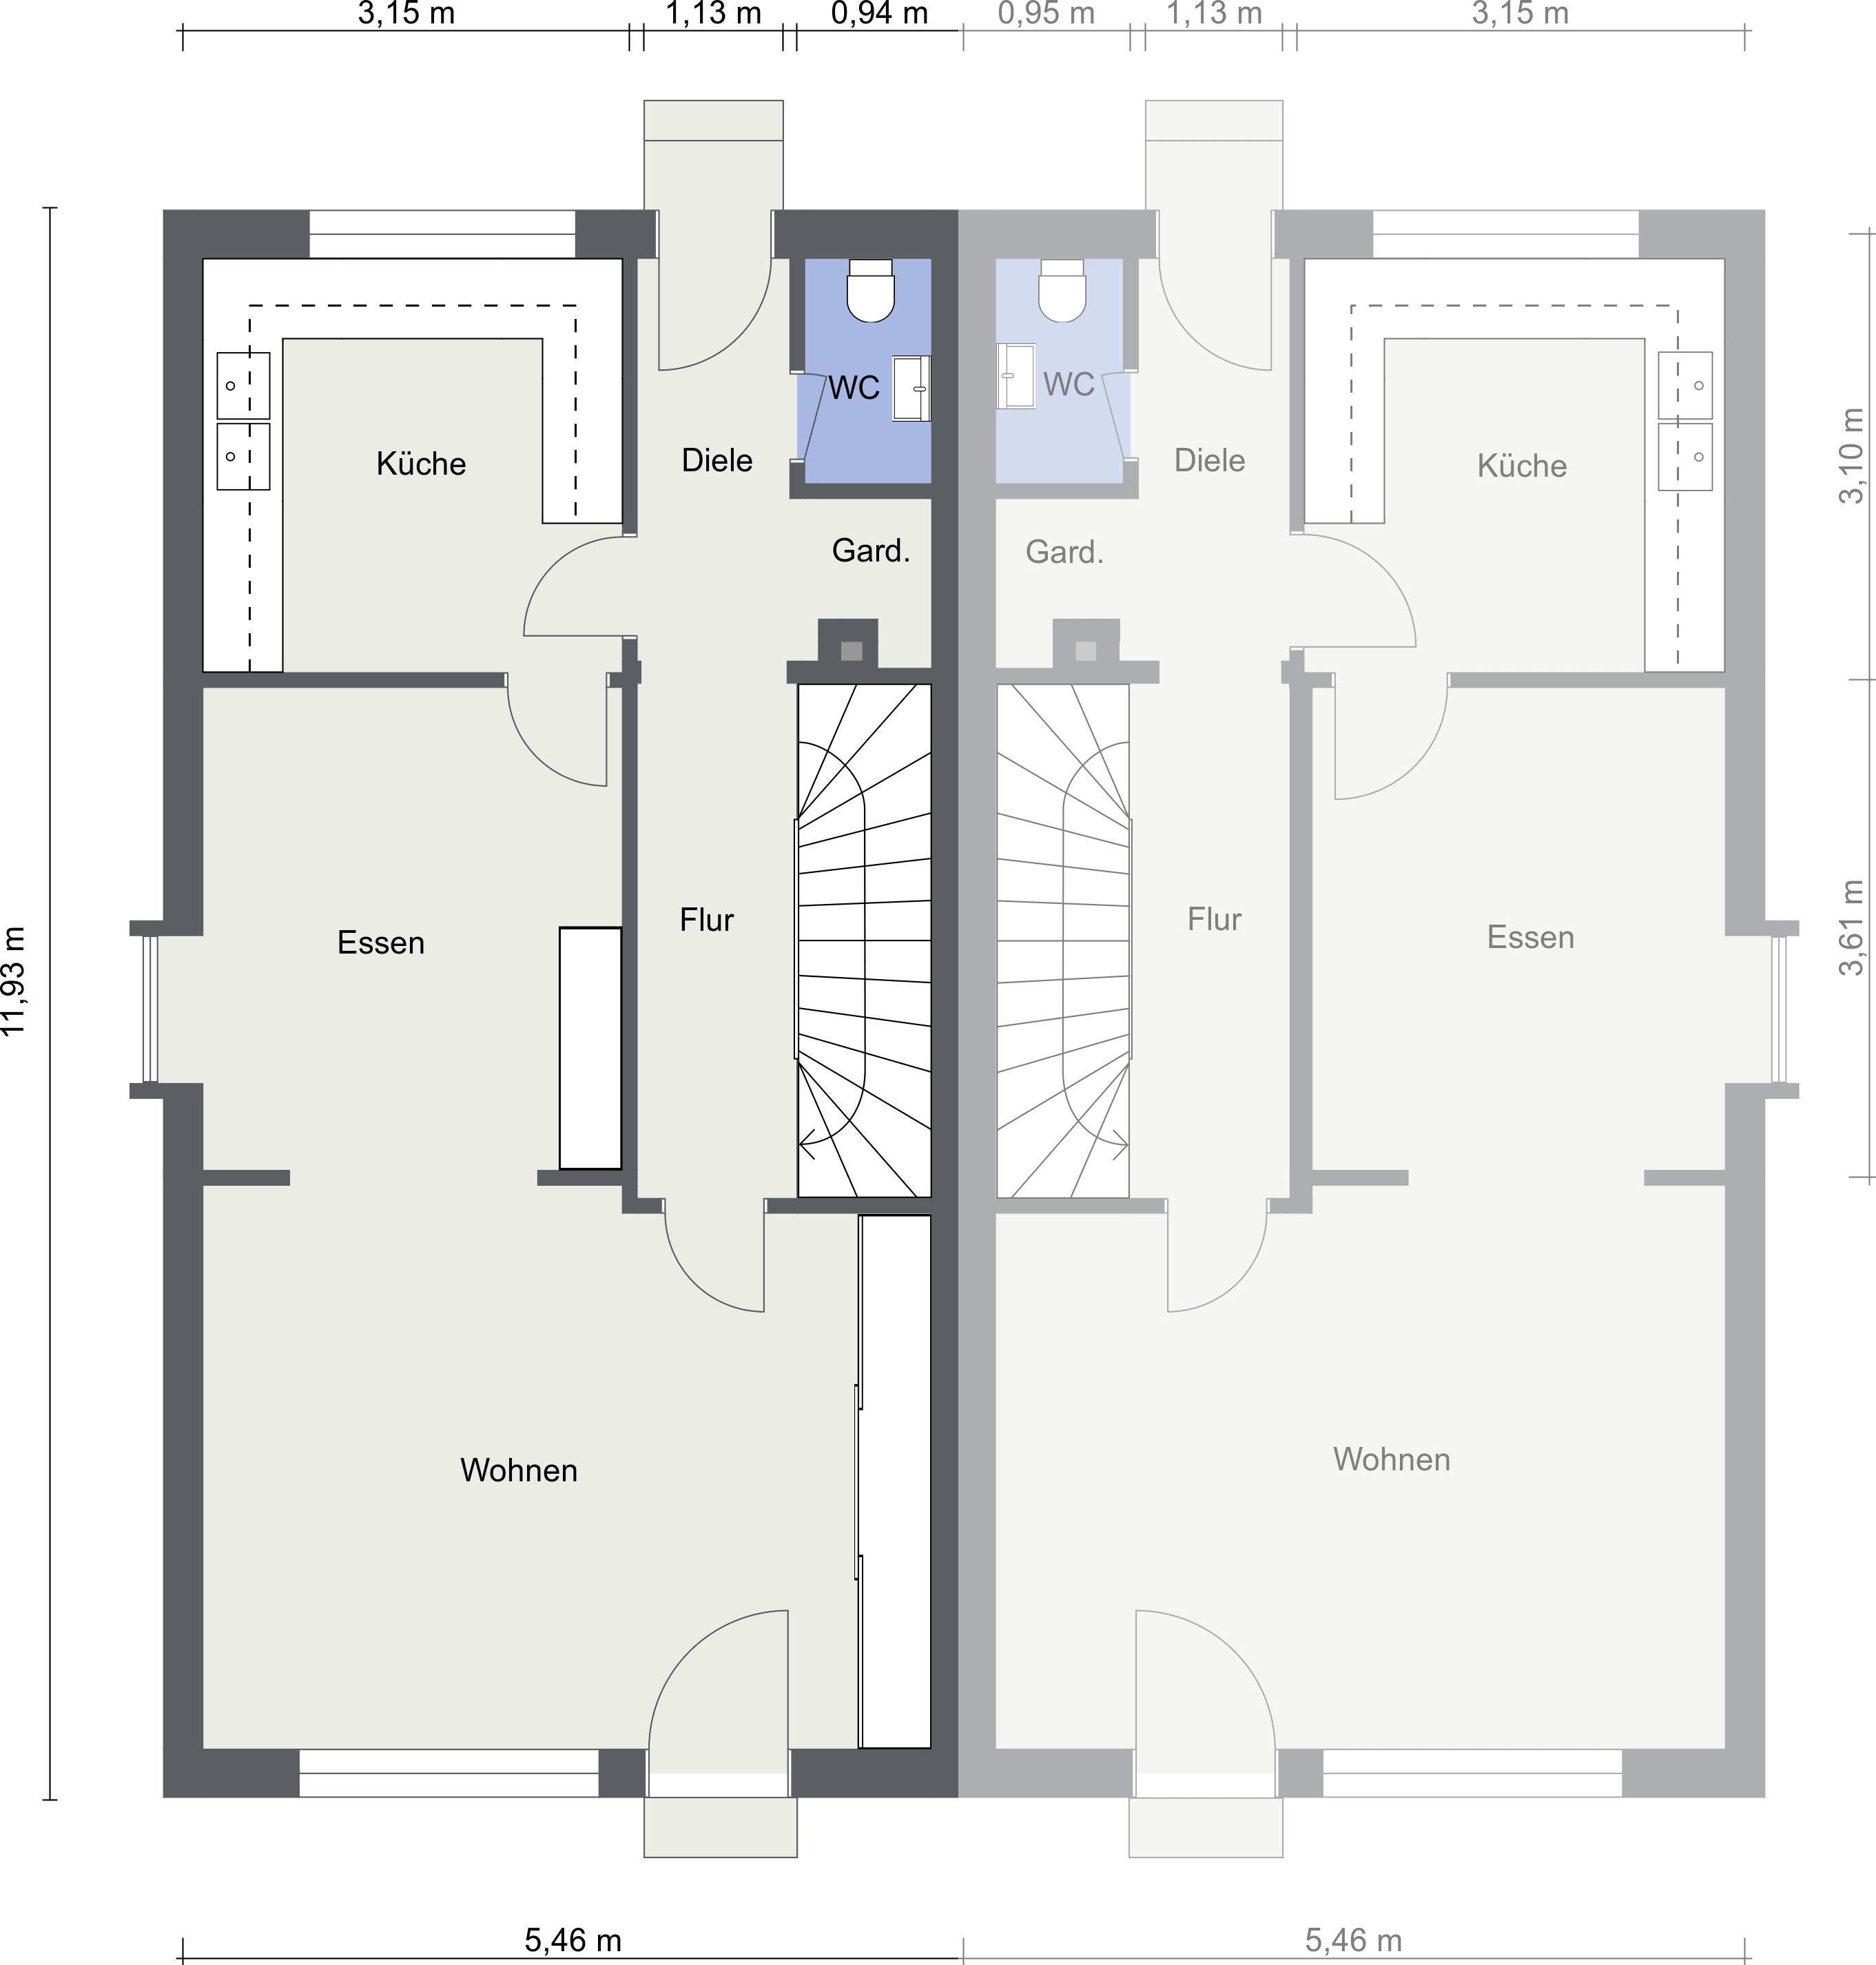 Erdgeschoss - Grundriss